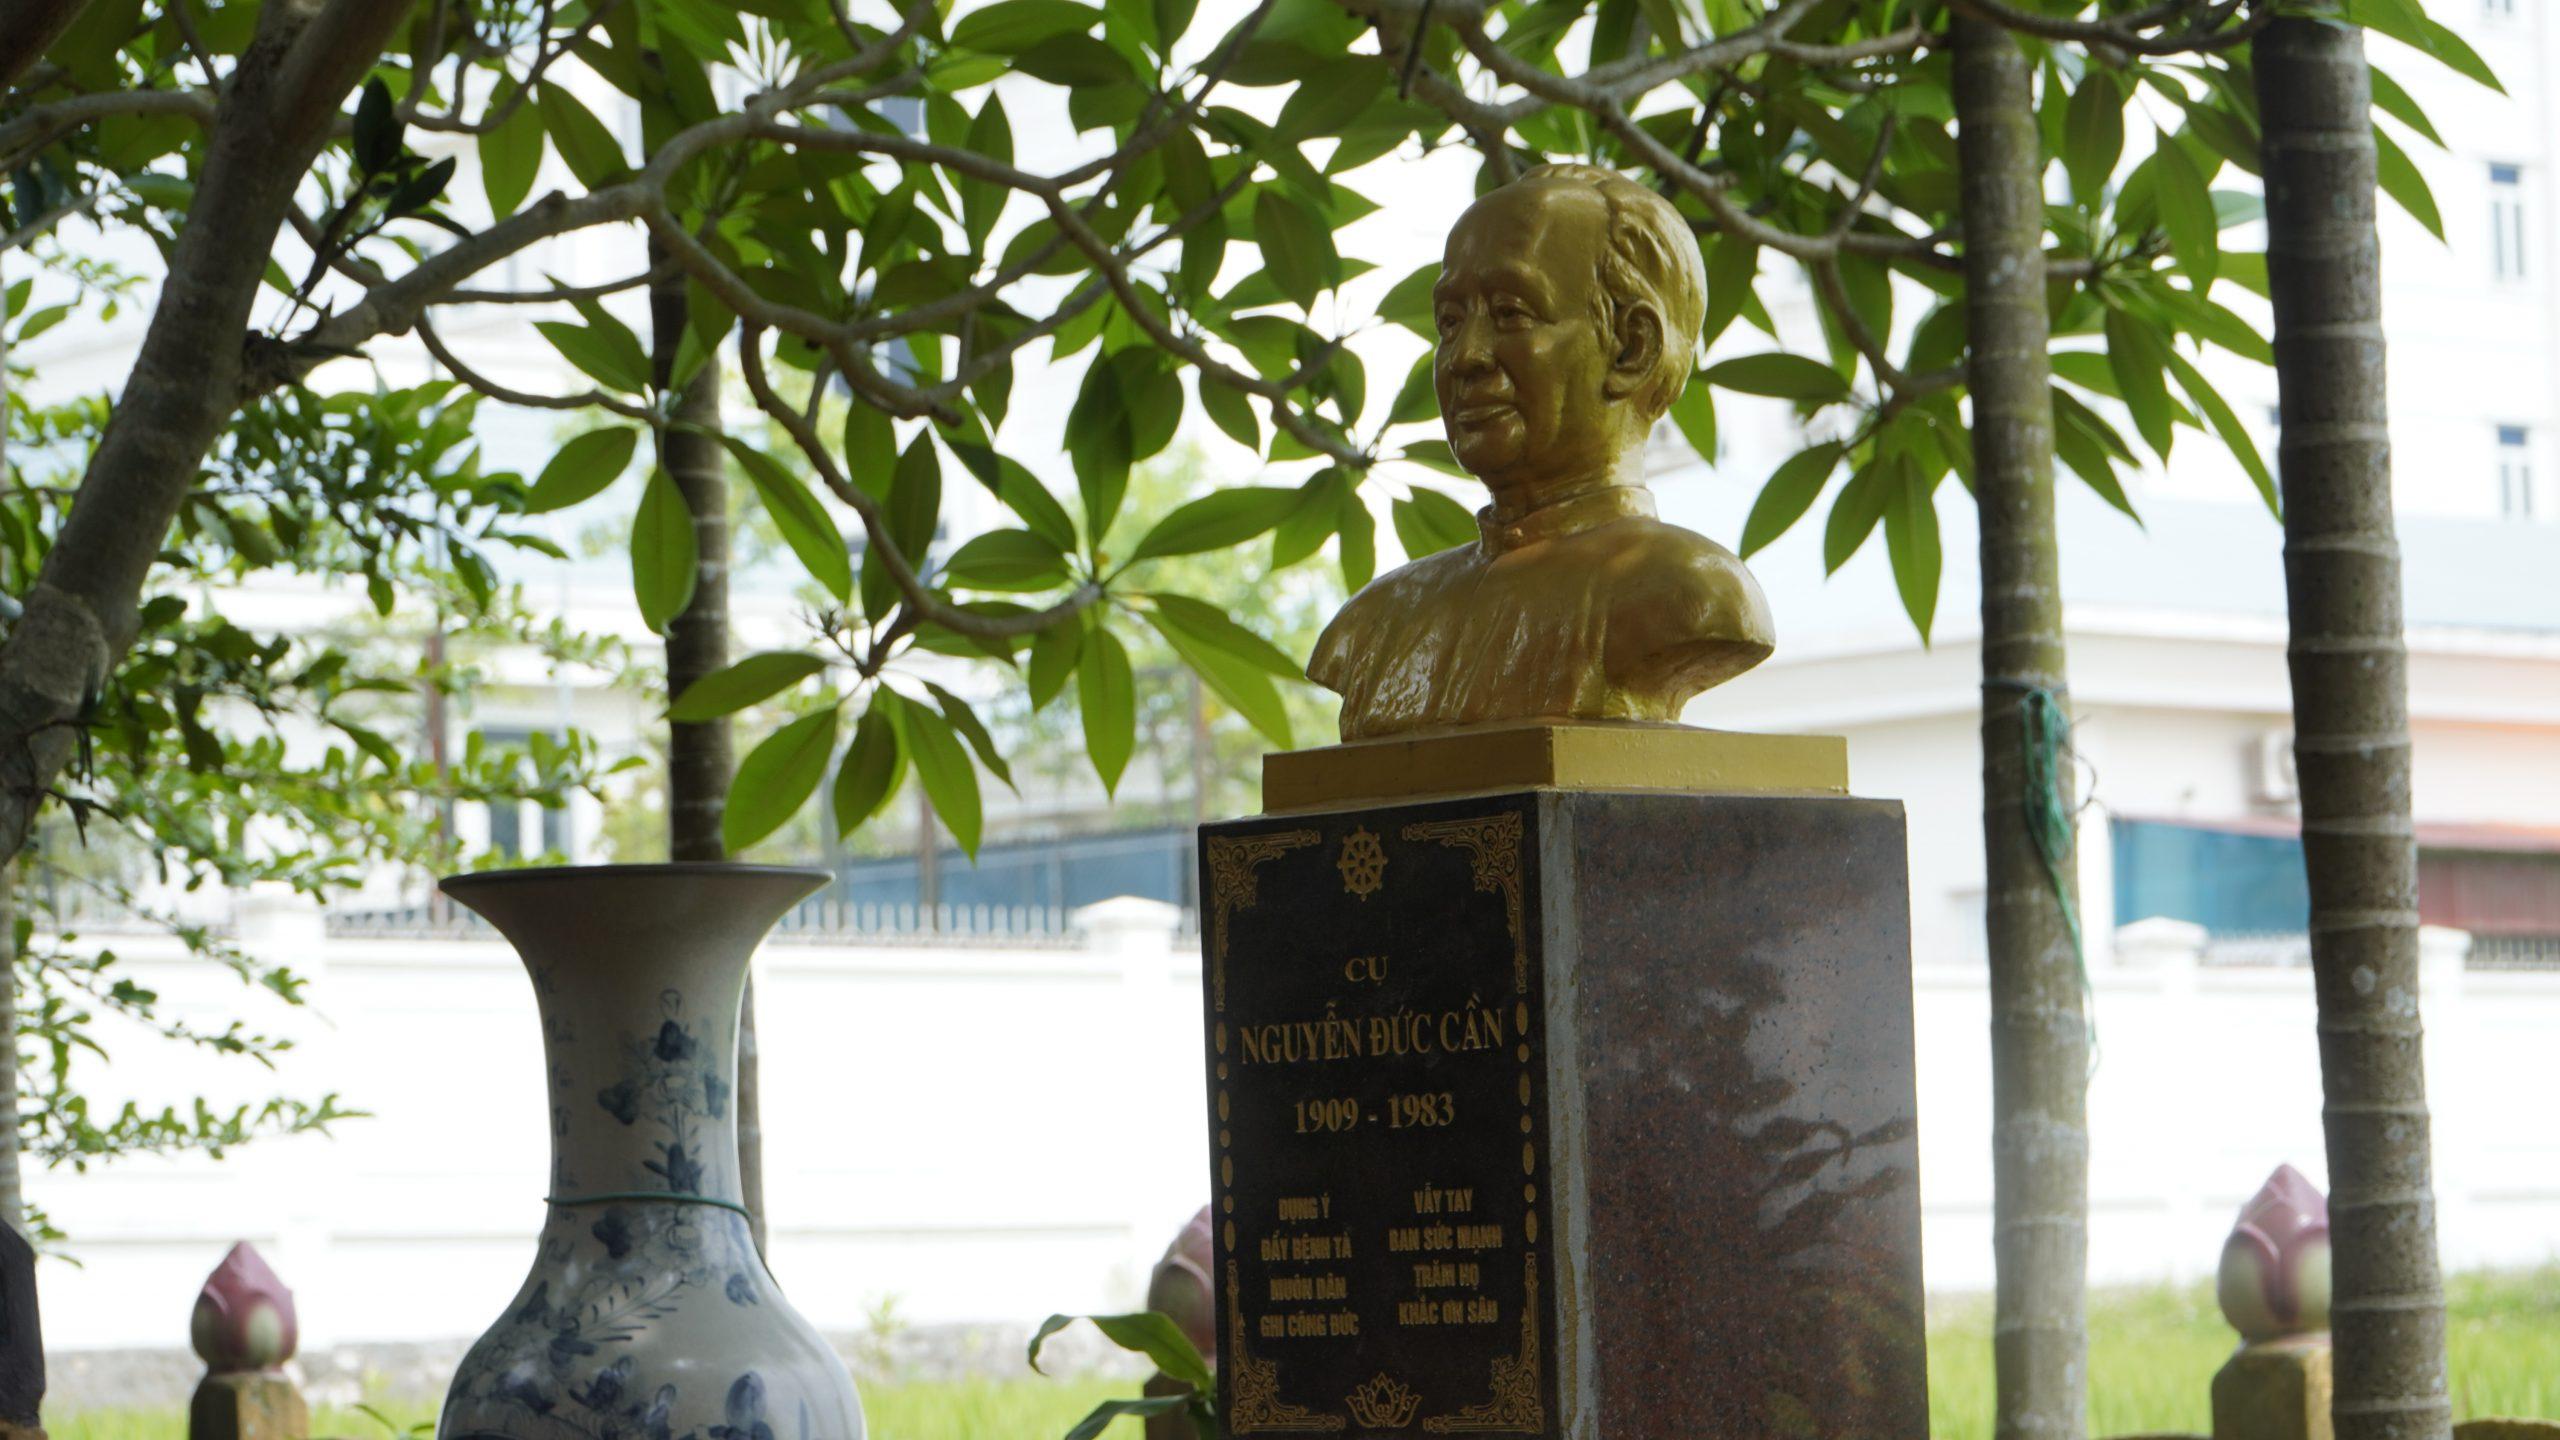 Lăng mộ Cụ Trưởng Cần (Thanh Oai, Hà Nội)